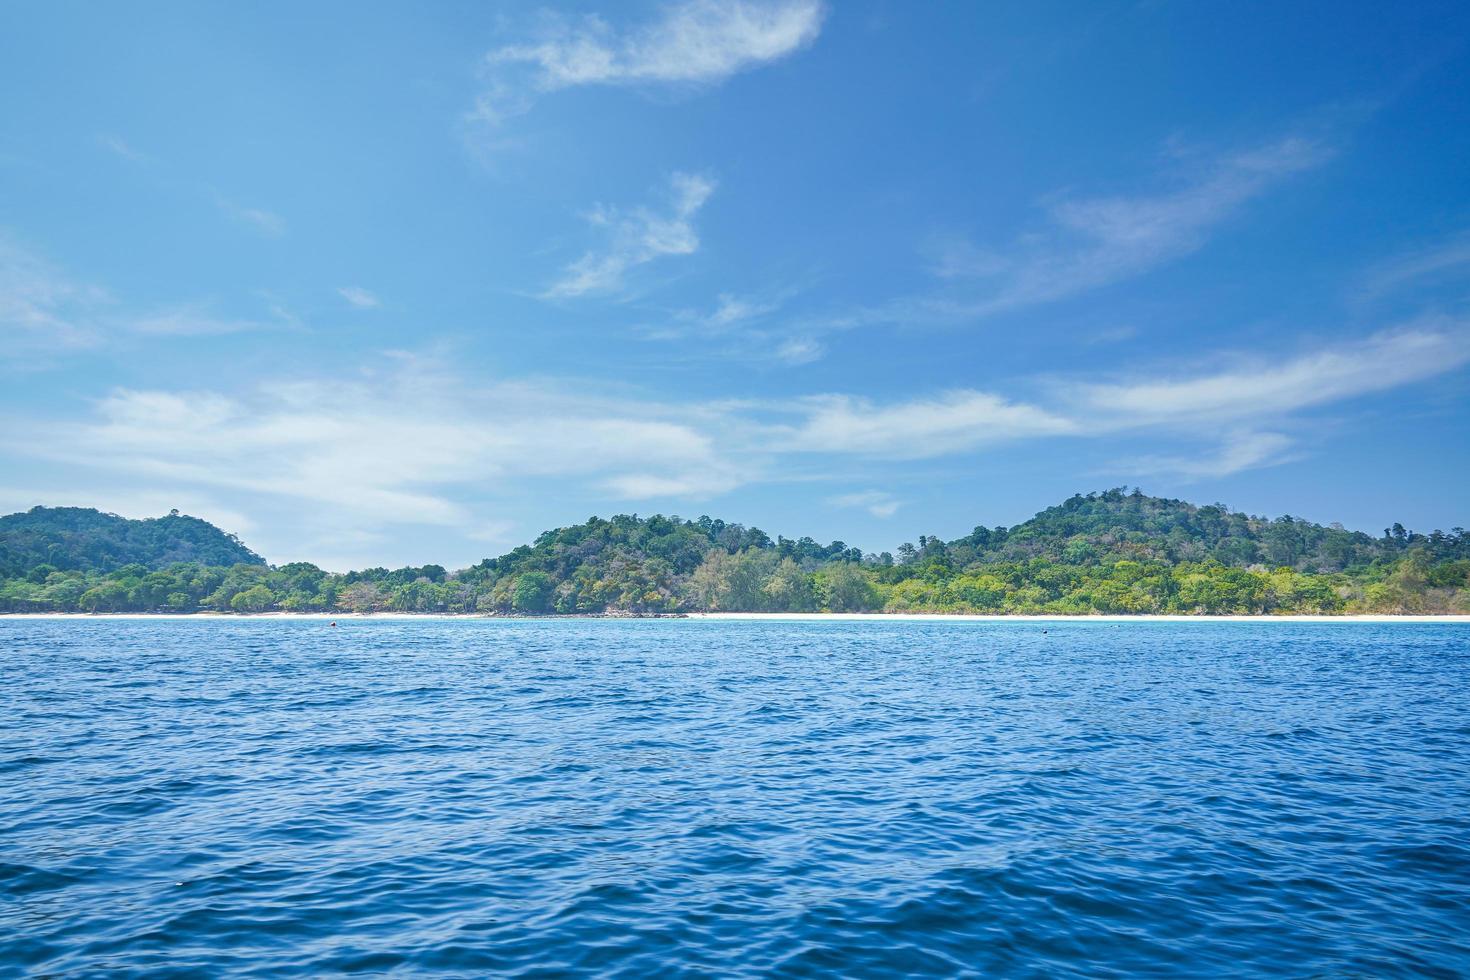 Seelandschaft mit tiefblauem Ozean und Insel Thailand foto